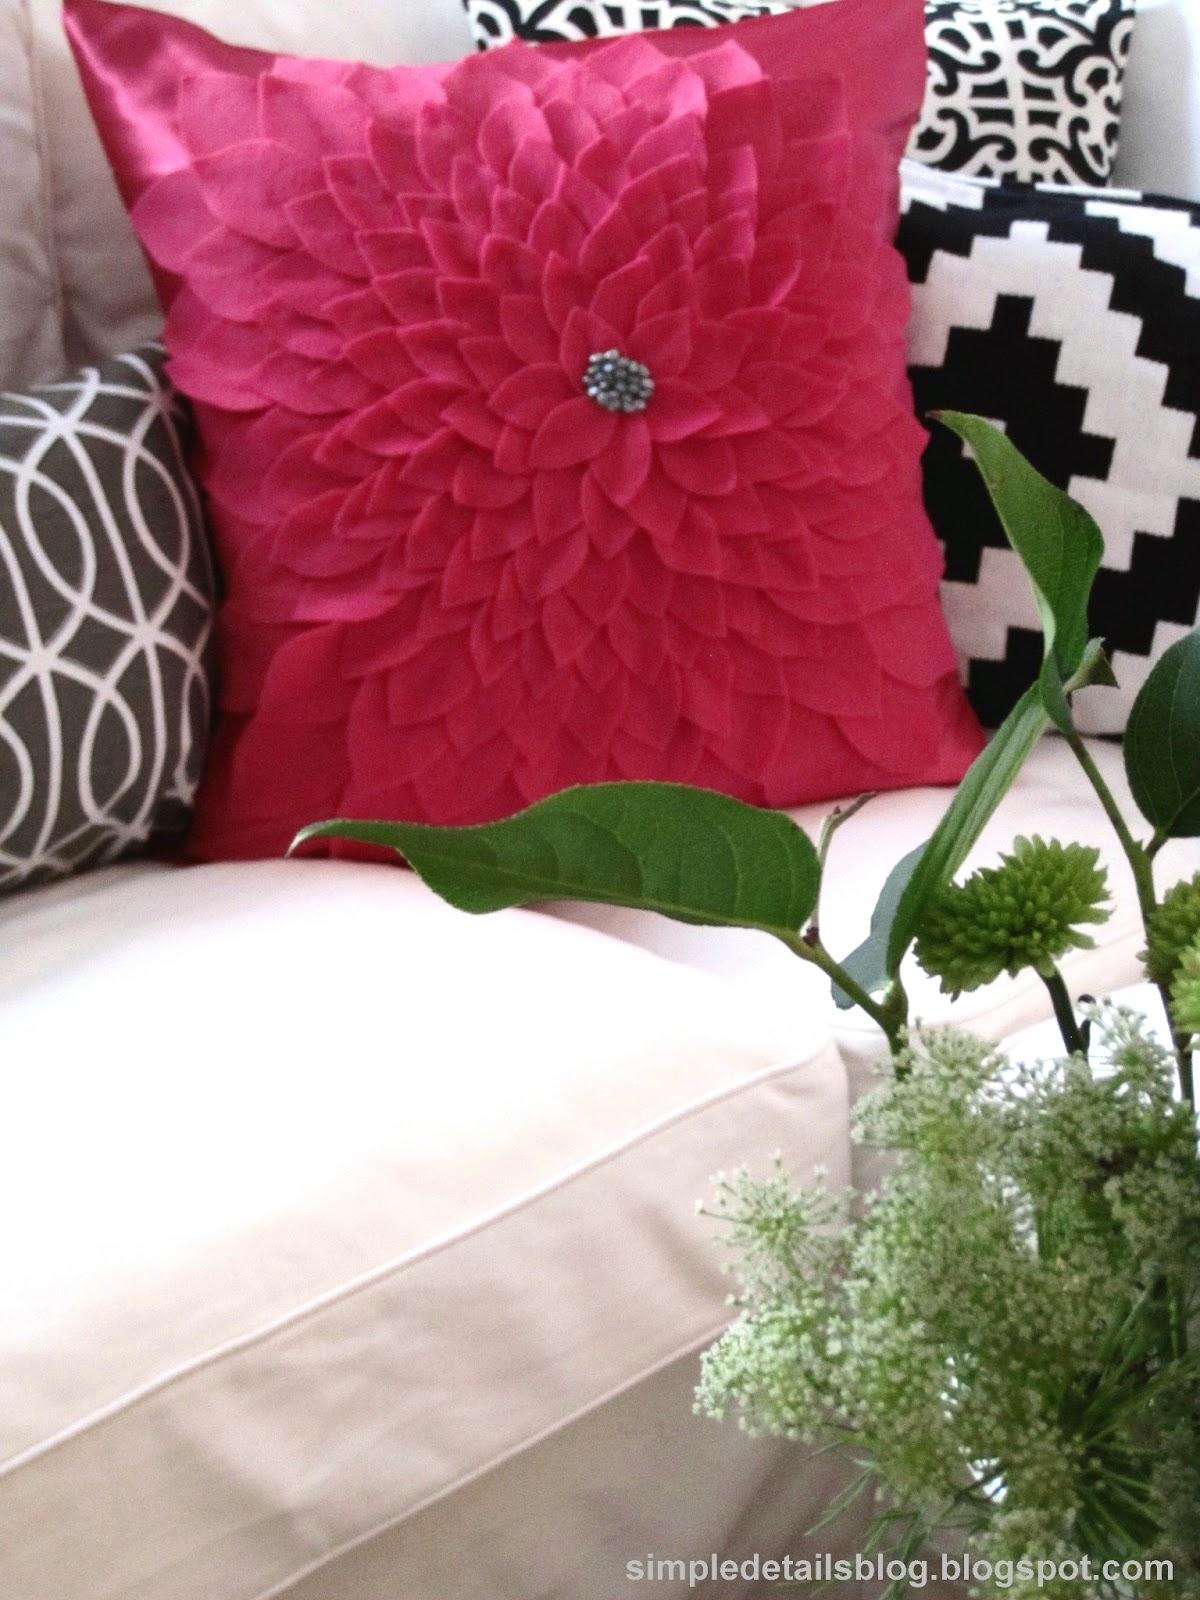 Simple Details Diy Flower Petal Pillow